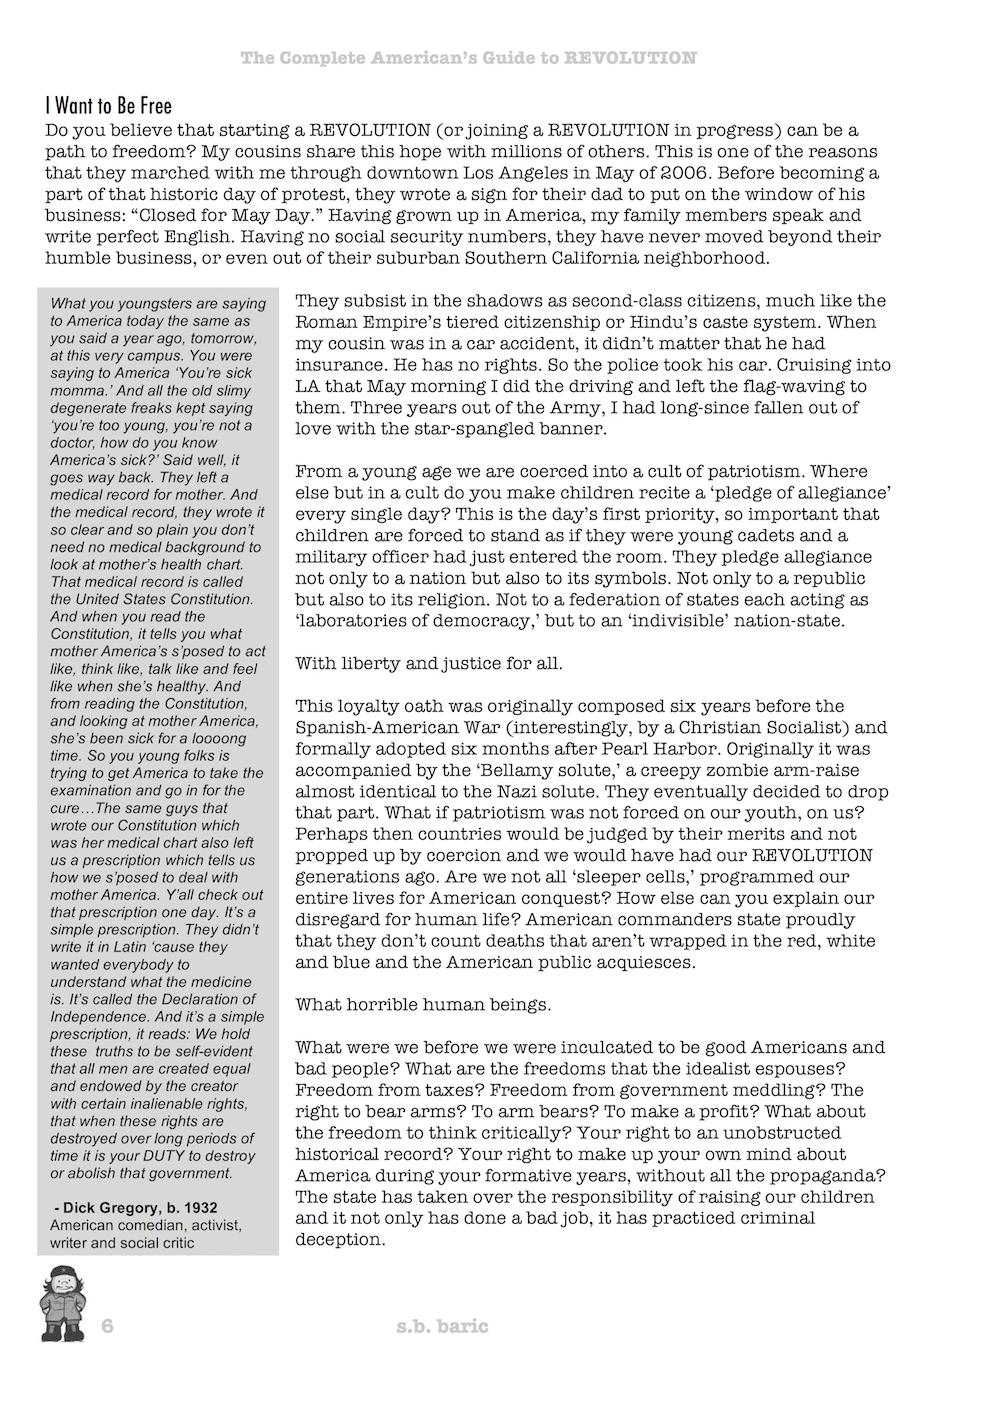 CAGR Ch 1 pg 7